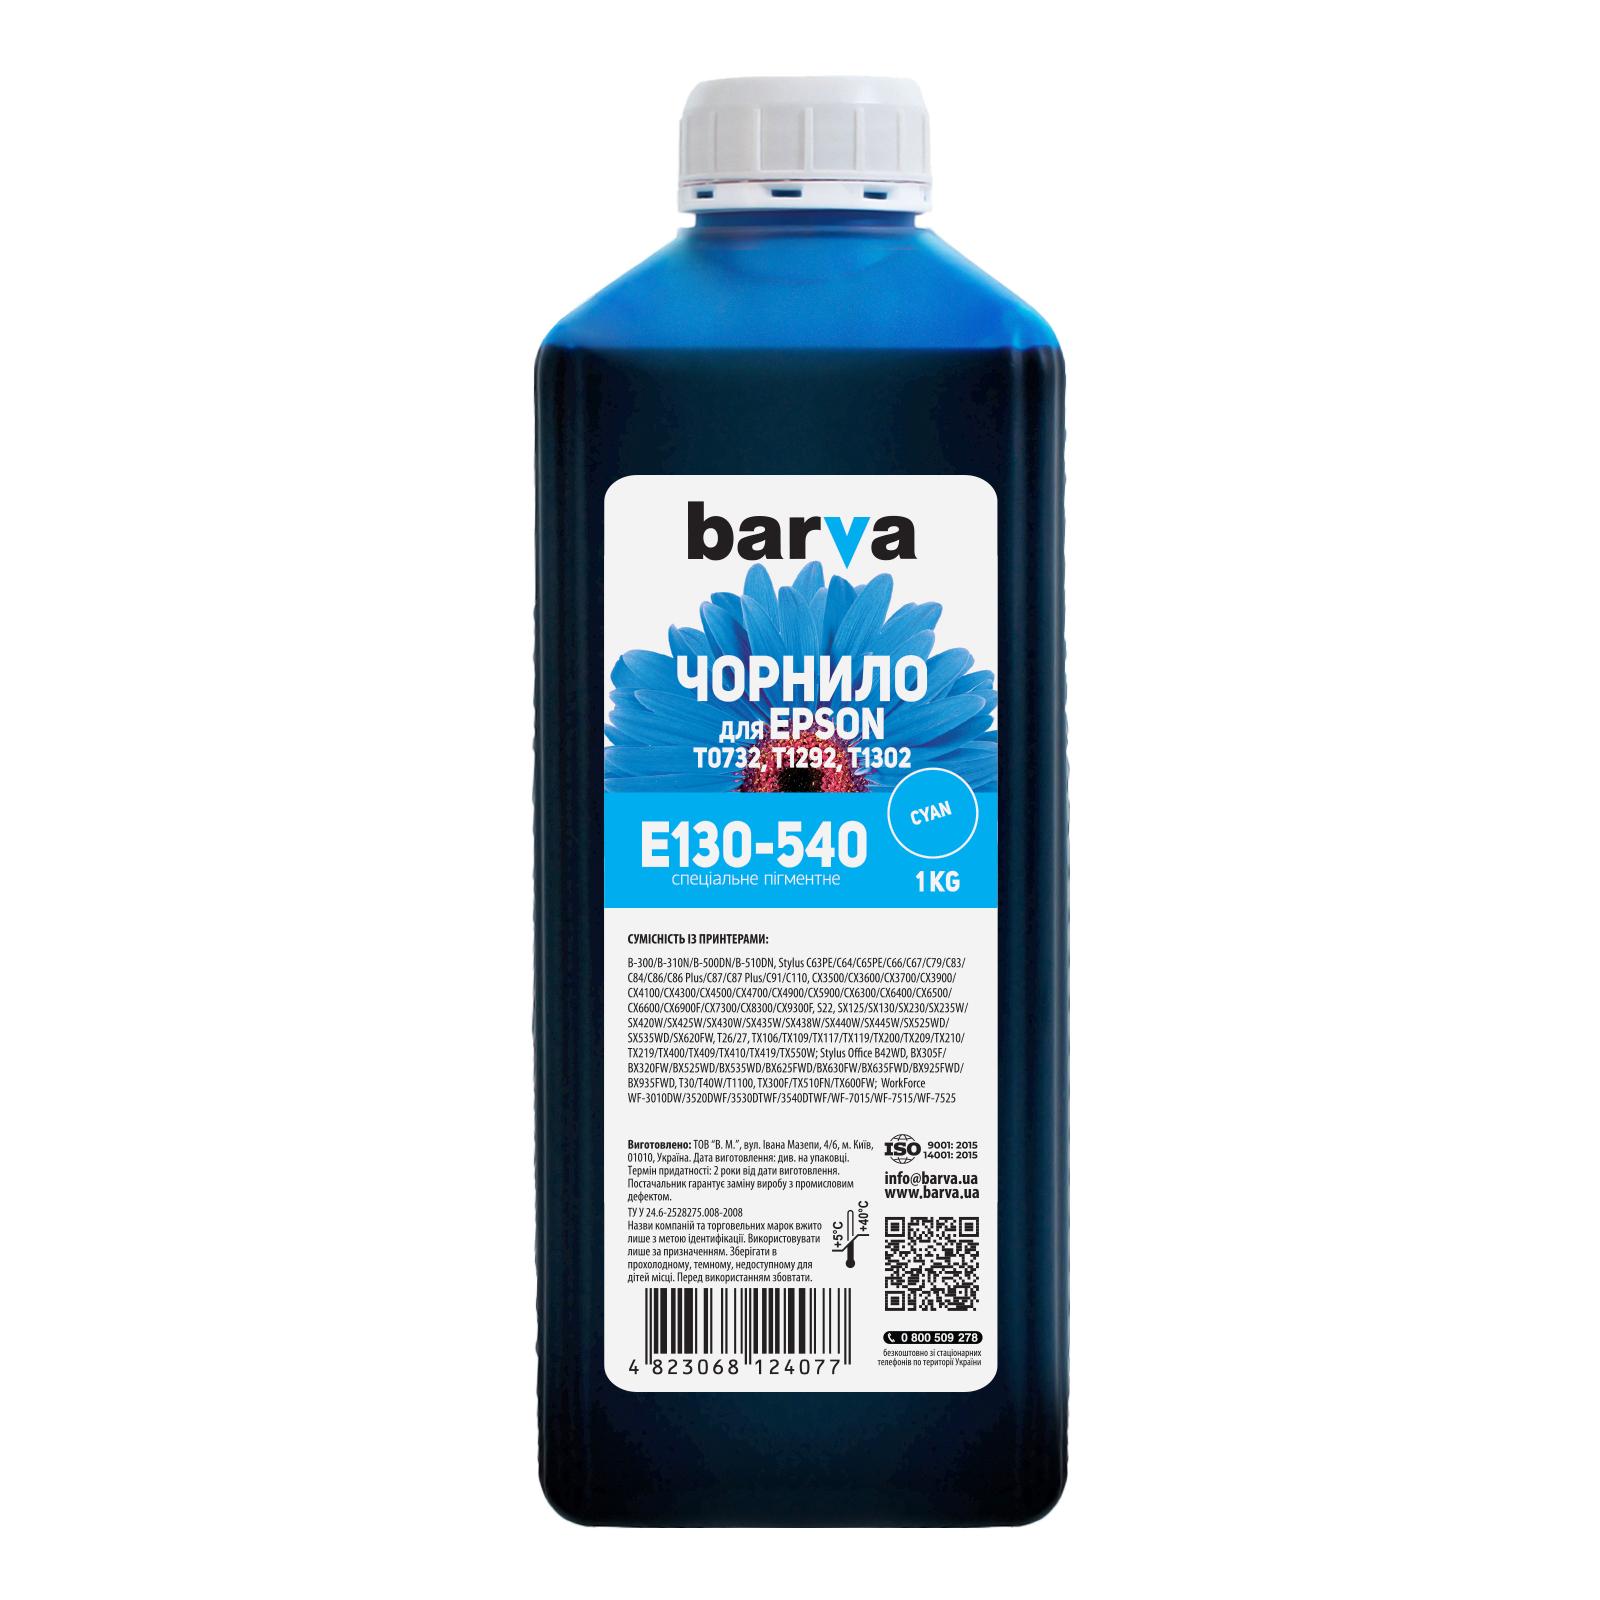 Чернила BARVA Epson T1302/T1292/T1282/T1032/T0732 Cyan 1 кг pigm. (E130-540)